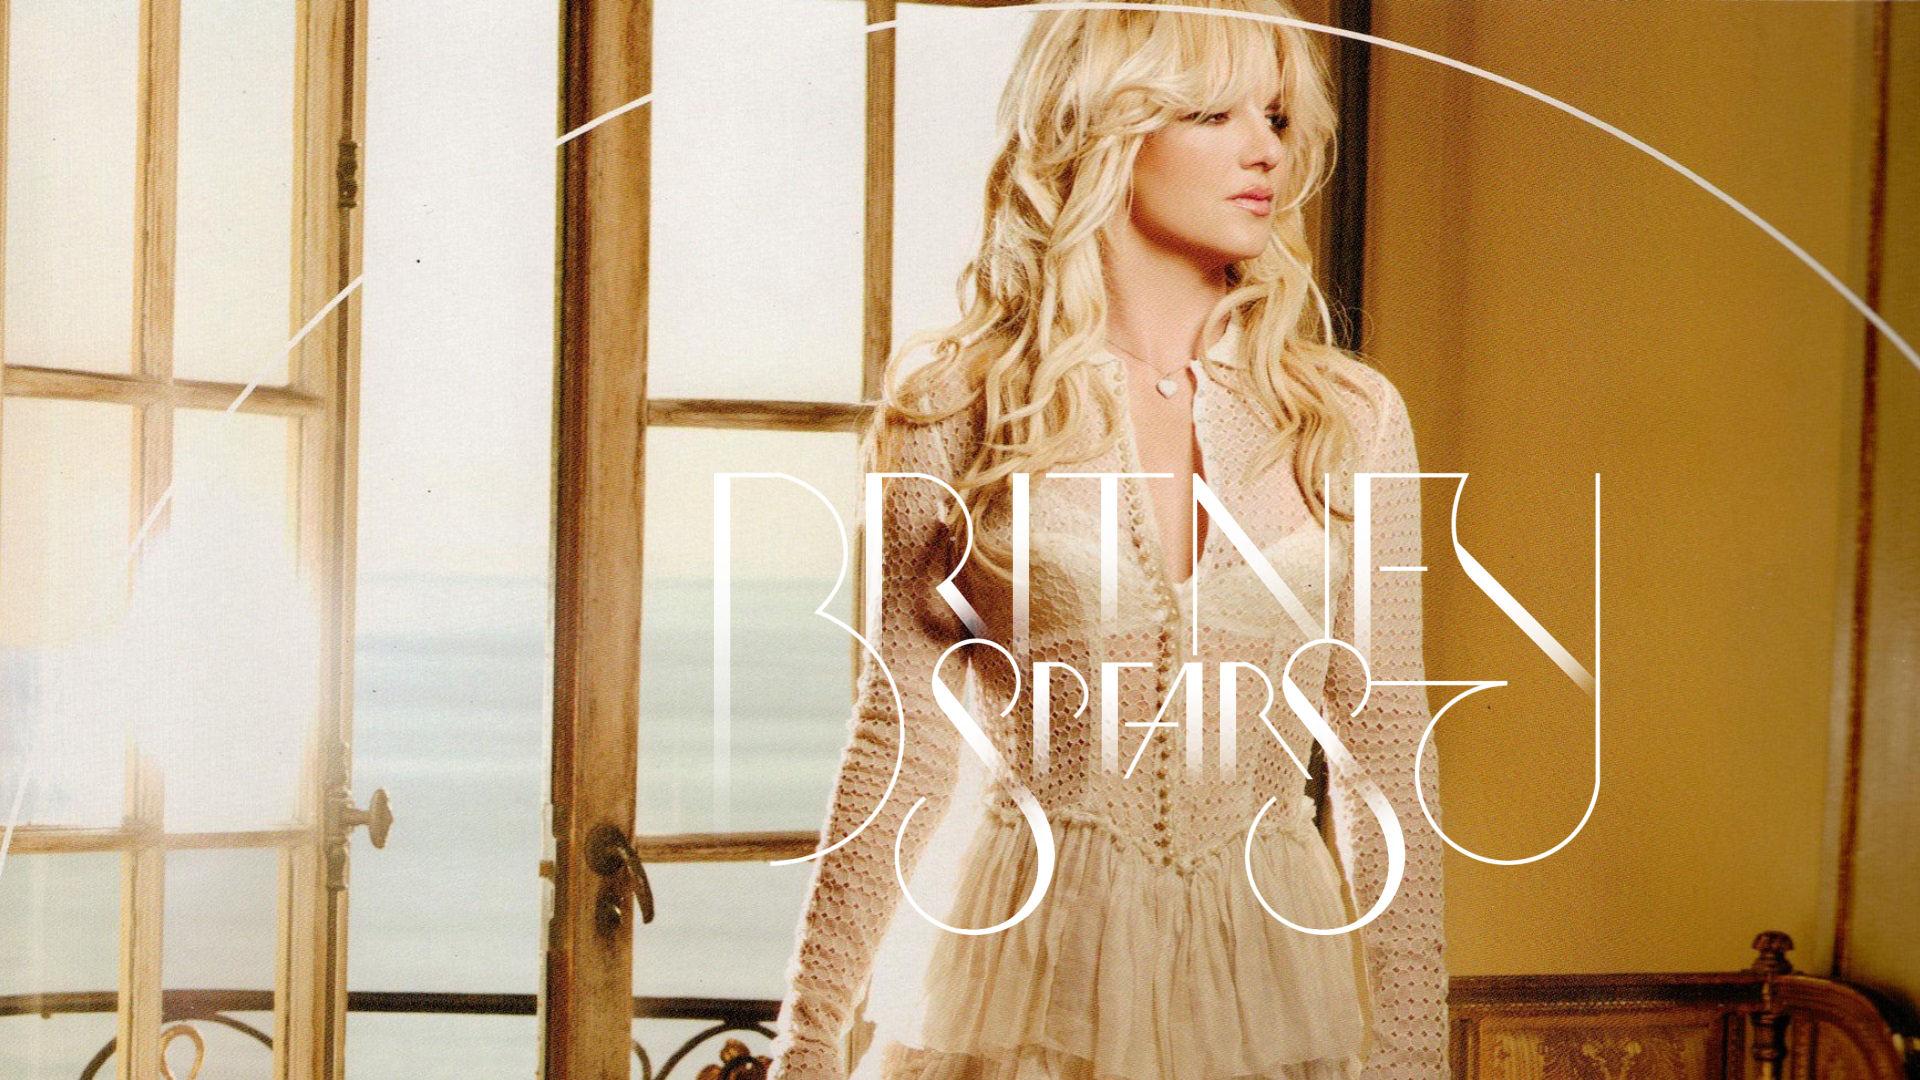 Britney-Spears-Femme-Fatale-britney-spea